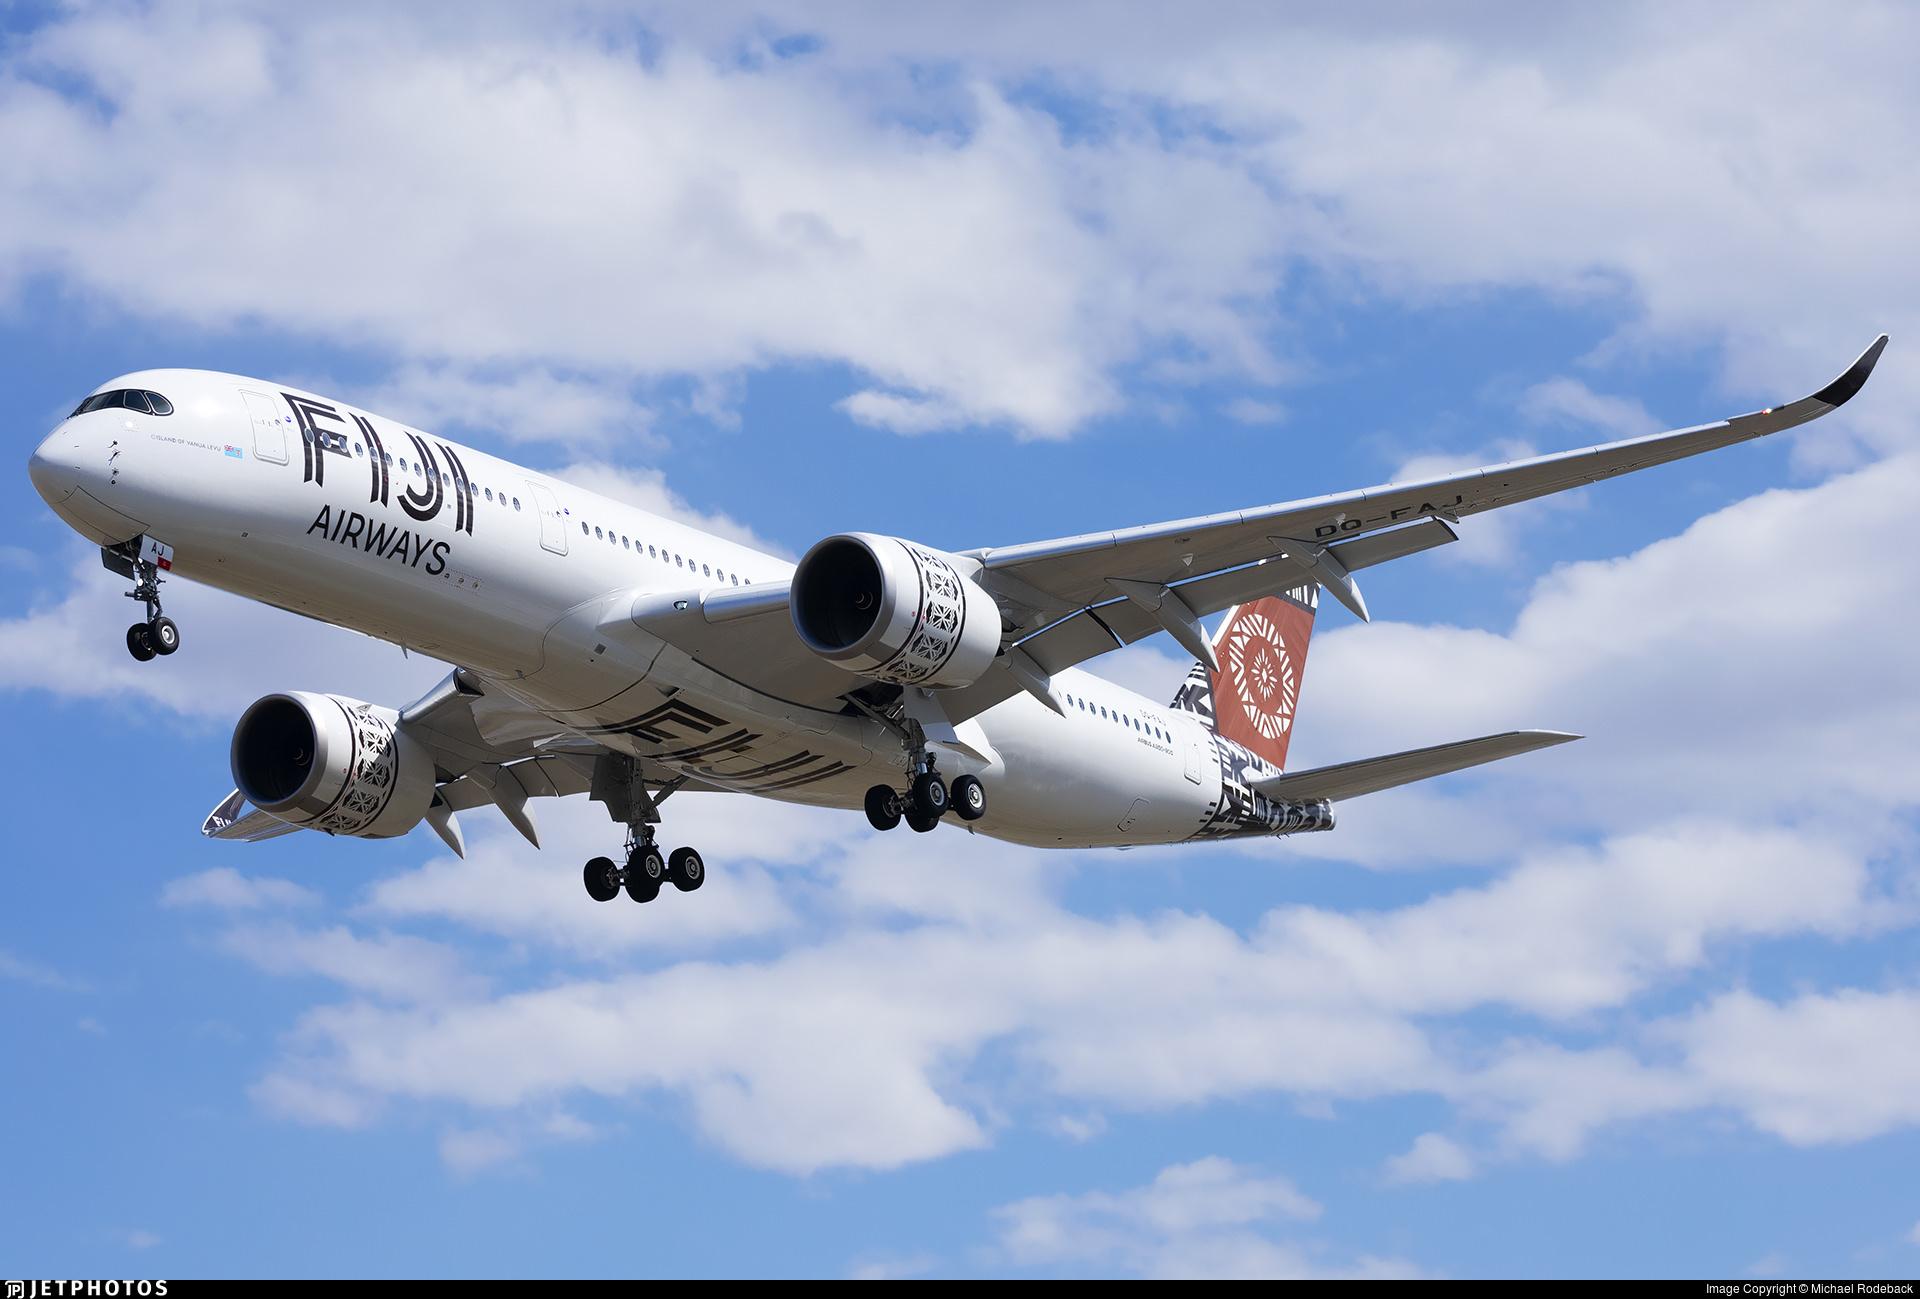 Fiji Airways A350 landing in Salt Lake City